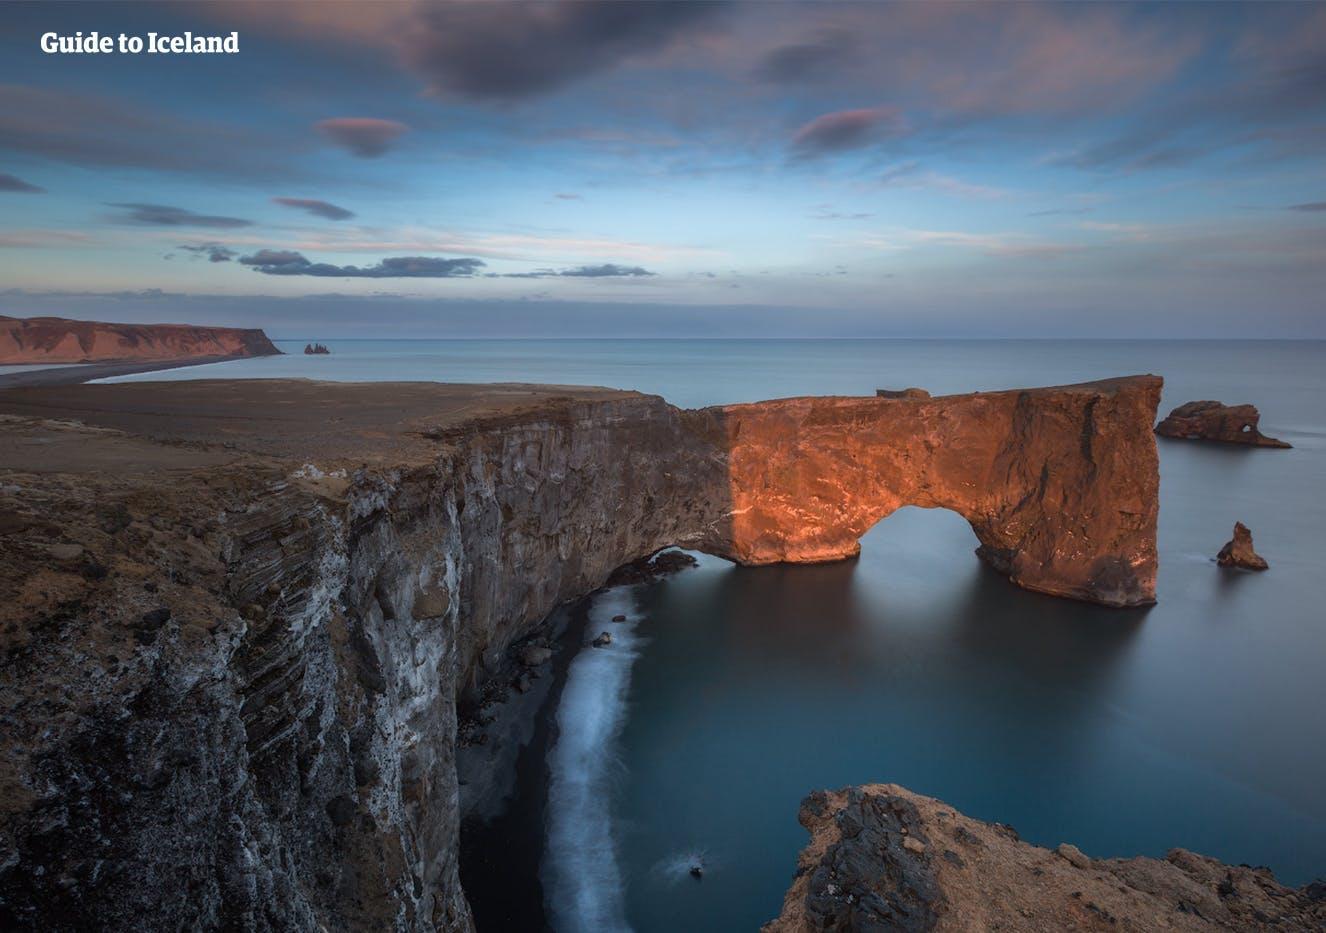 Полуостров Дирхолаэй на юге Исландии.